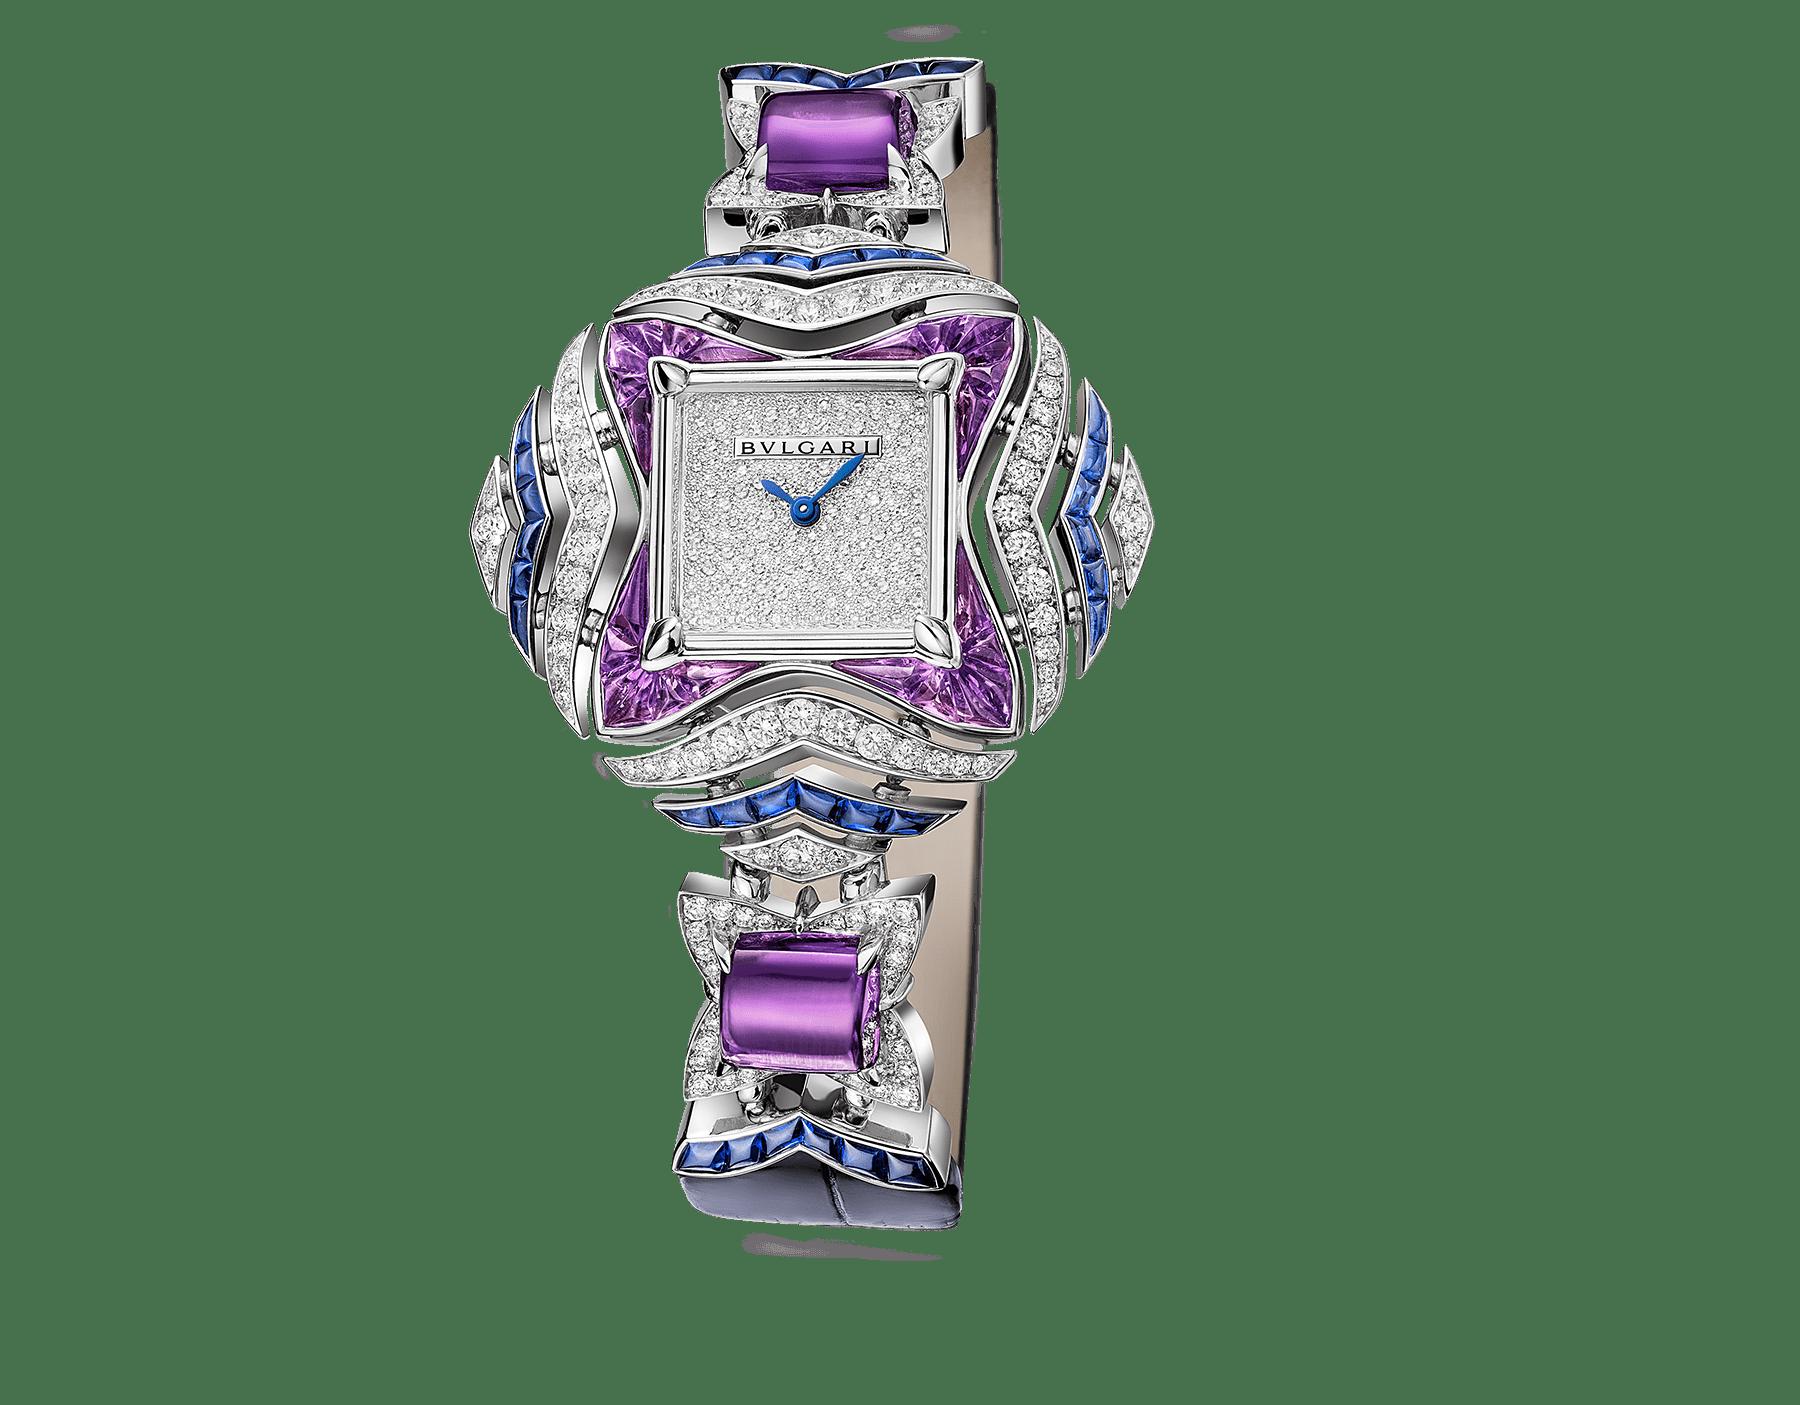 무사 워치. 18kt 화이트 골드 소재에 브릴리언트컷 다이아몬드와 버프컷 사파이어, 버프컷 및 카보숑컷 아메시스트가 세팅된 케이스와 링크, 스노우 파베 다이얼, 블루 앨리게이터 브레이슬릿 102244 image 1